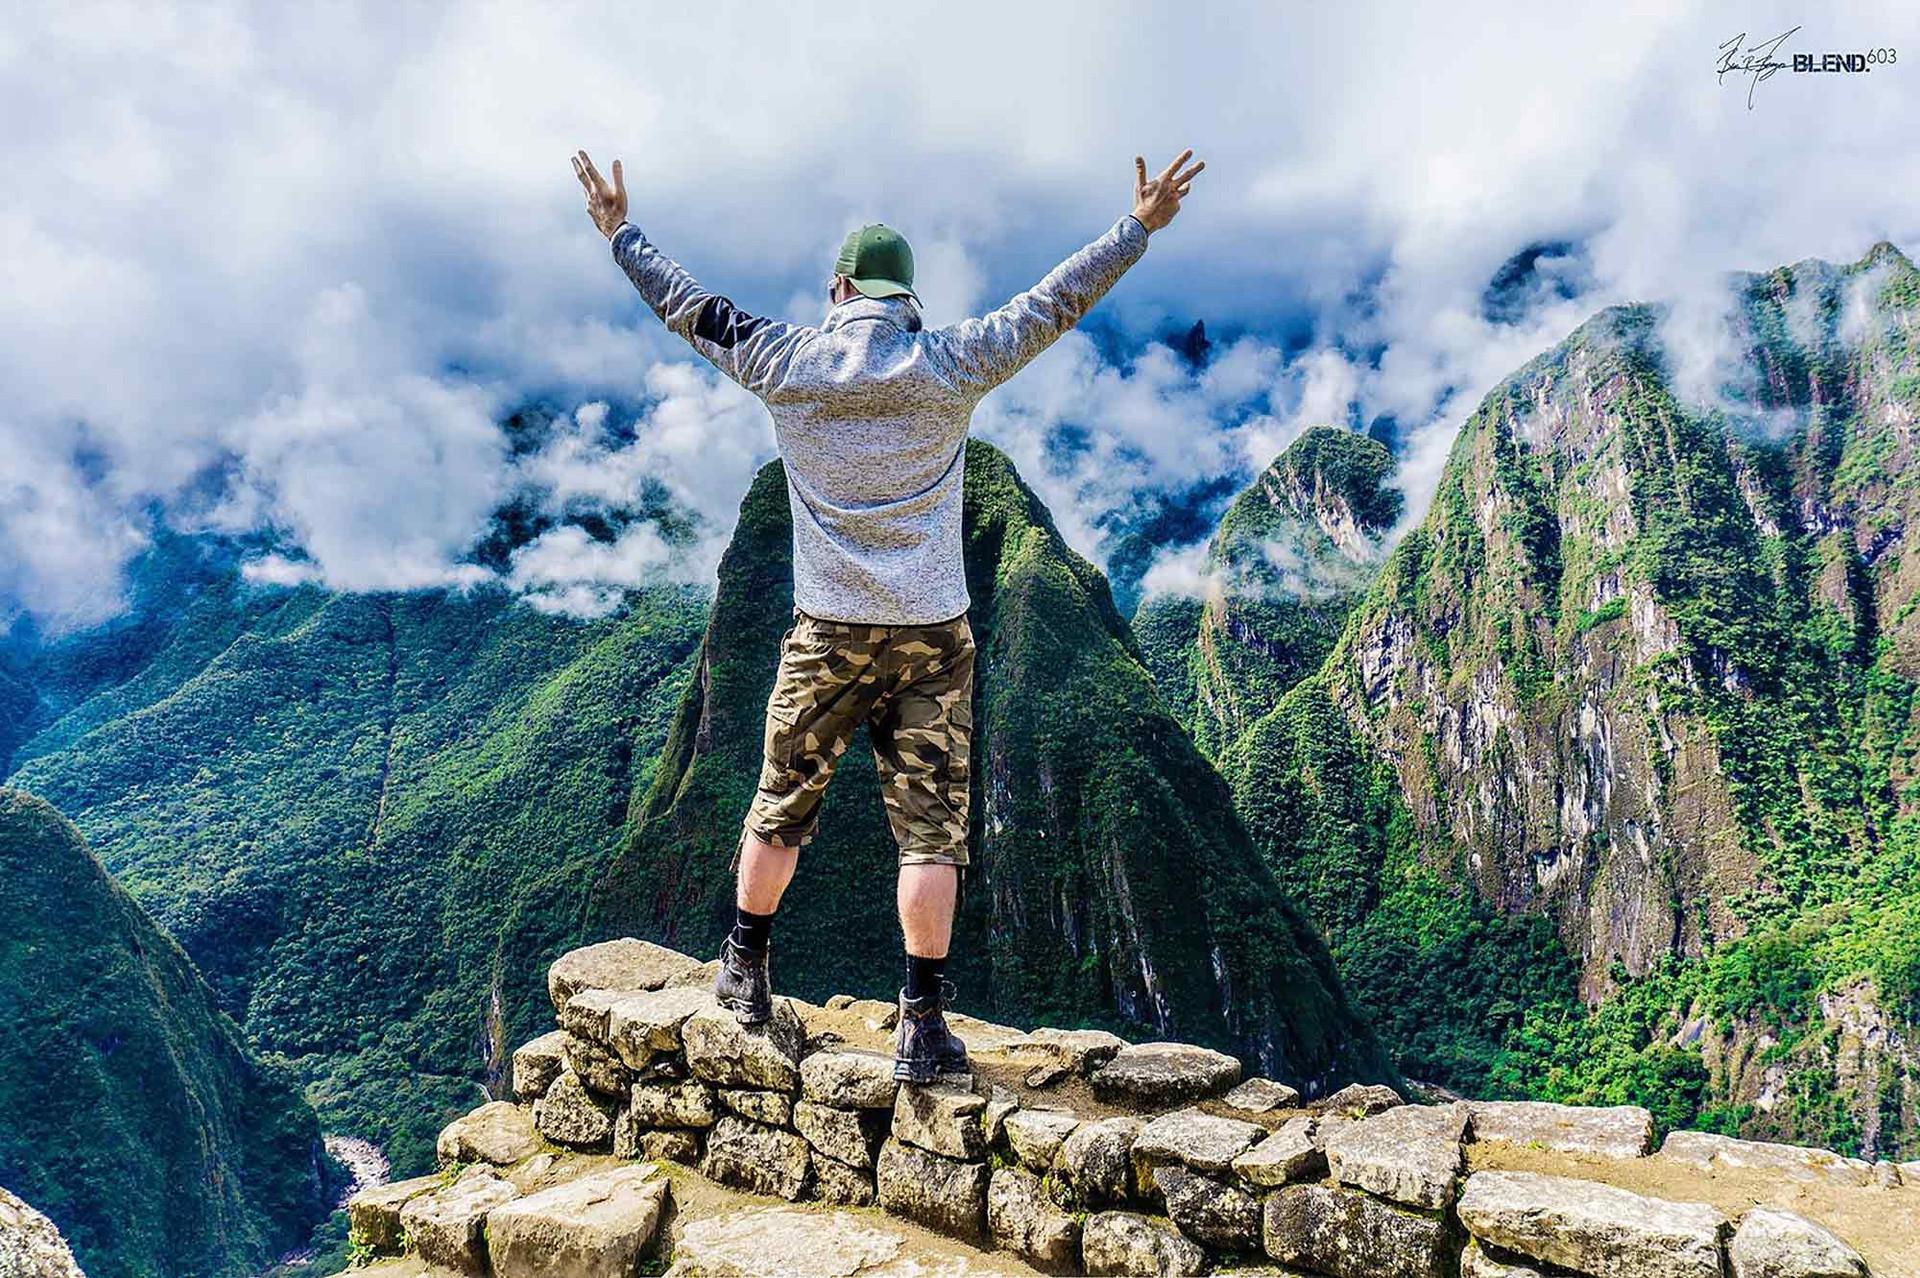 Divinity, Machu Picchu, Peru